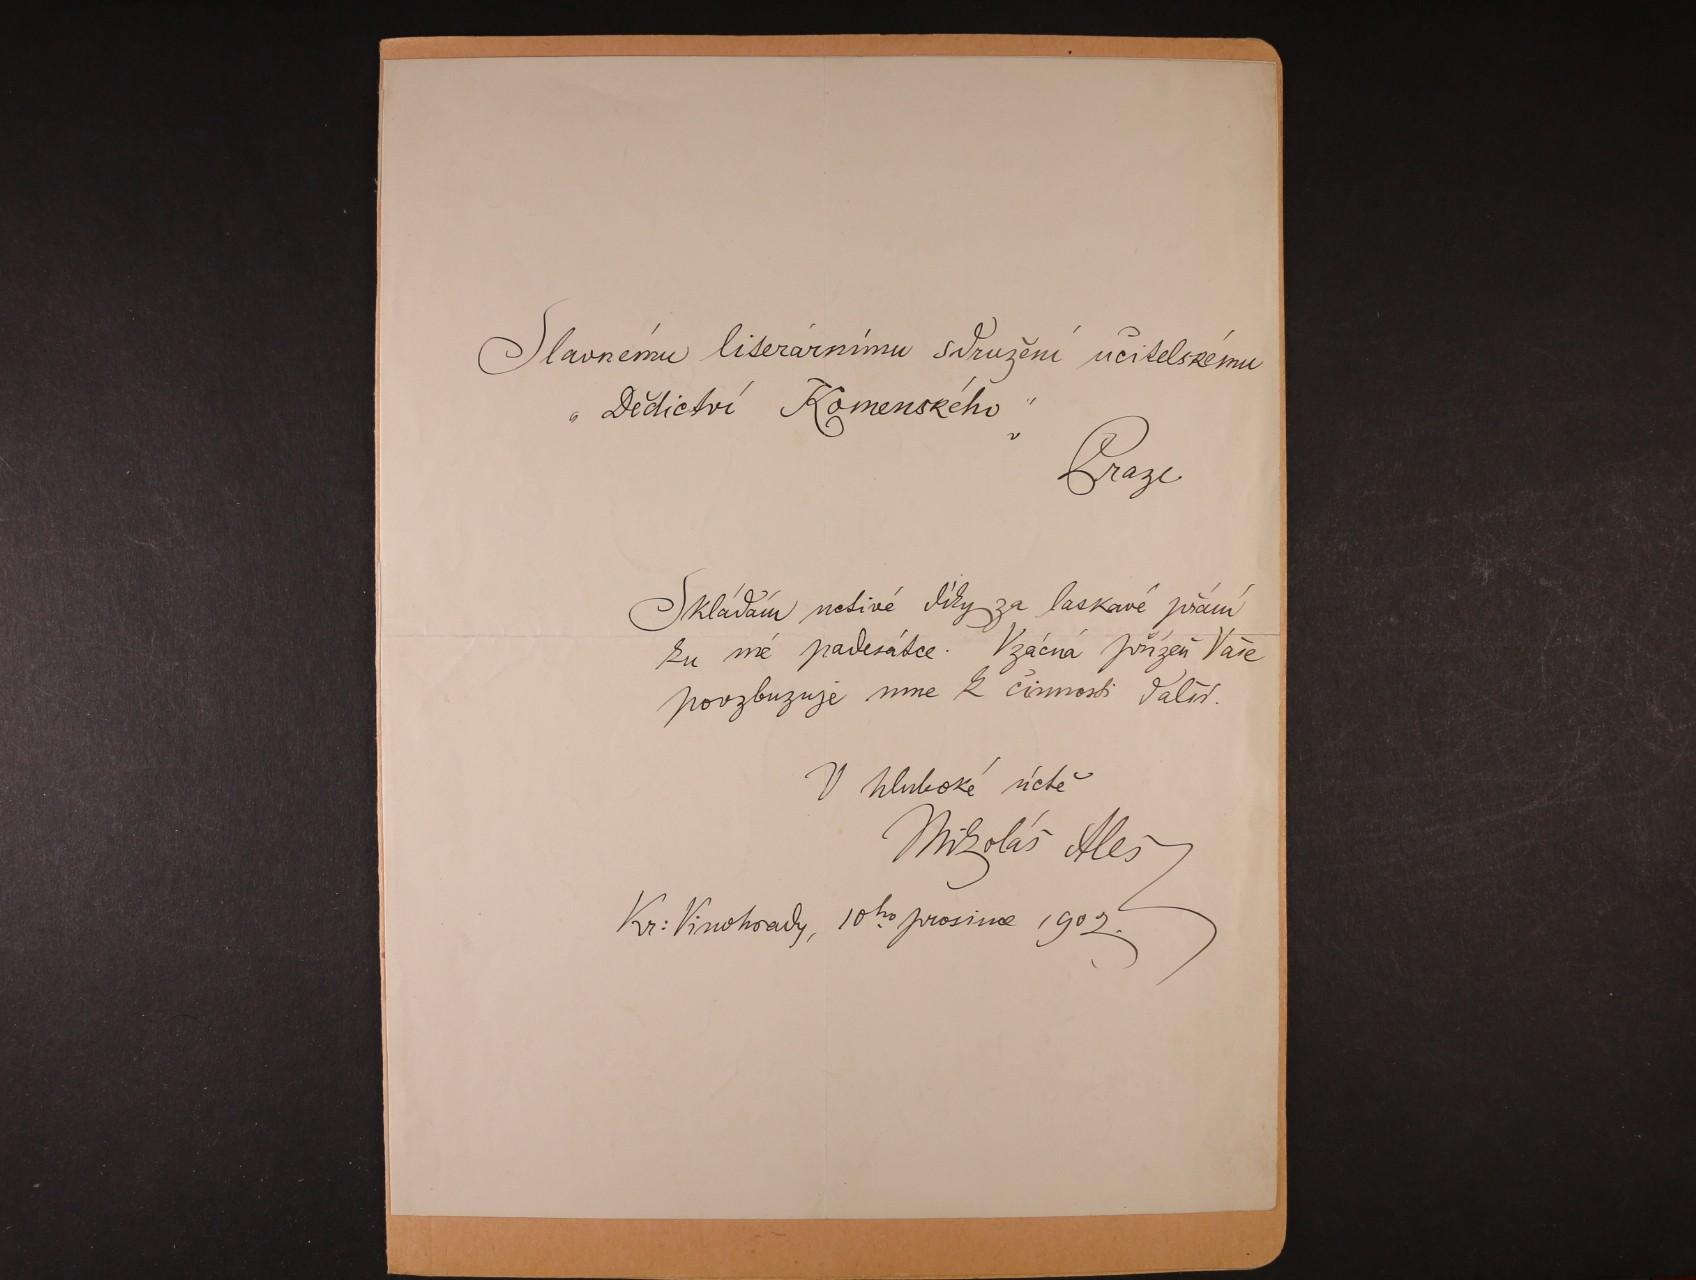 Mikoláš Aleš 1852 - 1913, význačný český malíř - dopis literárnímu sdružení